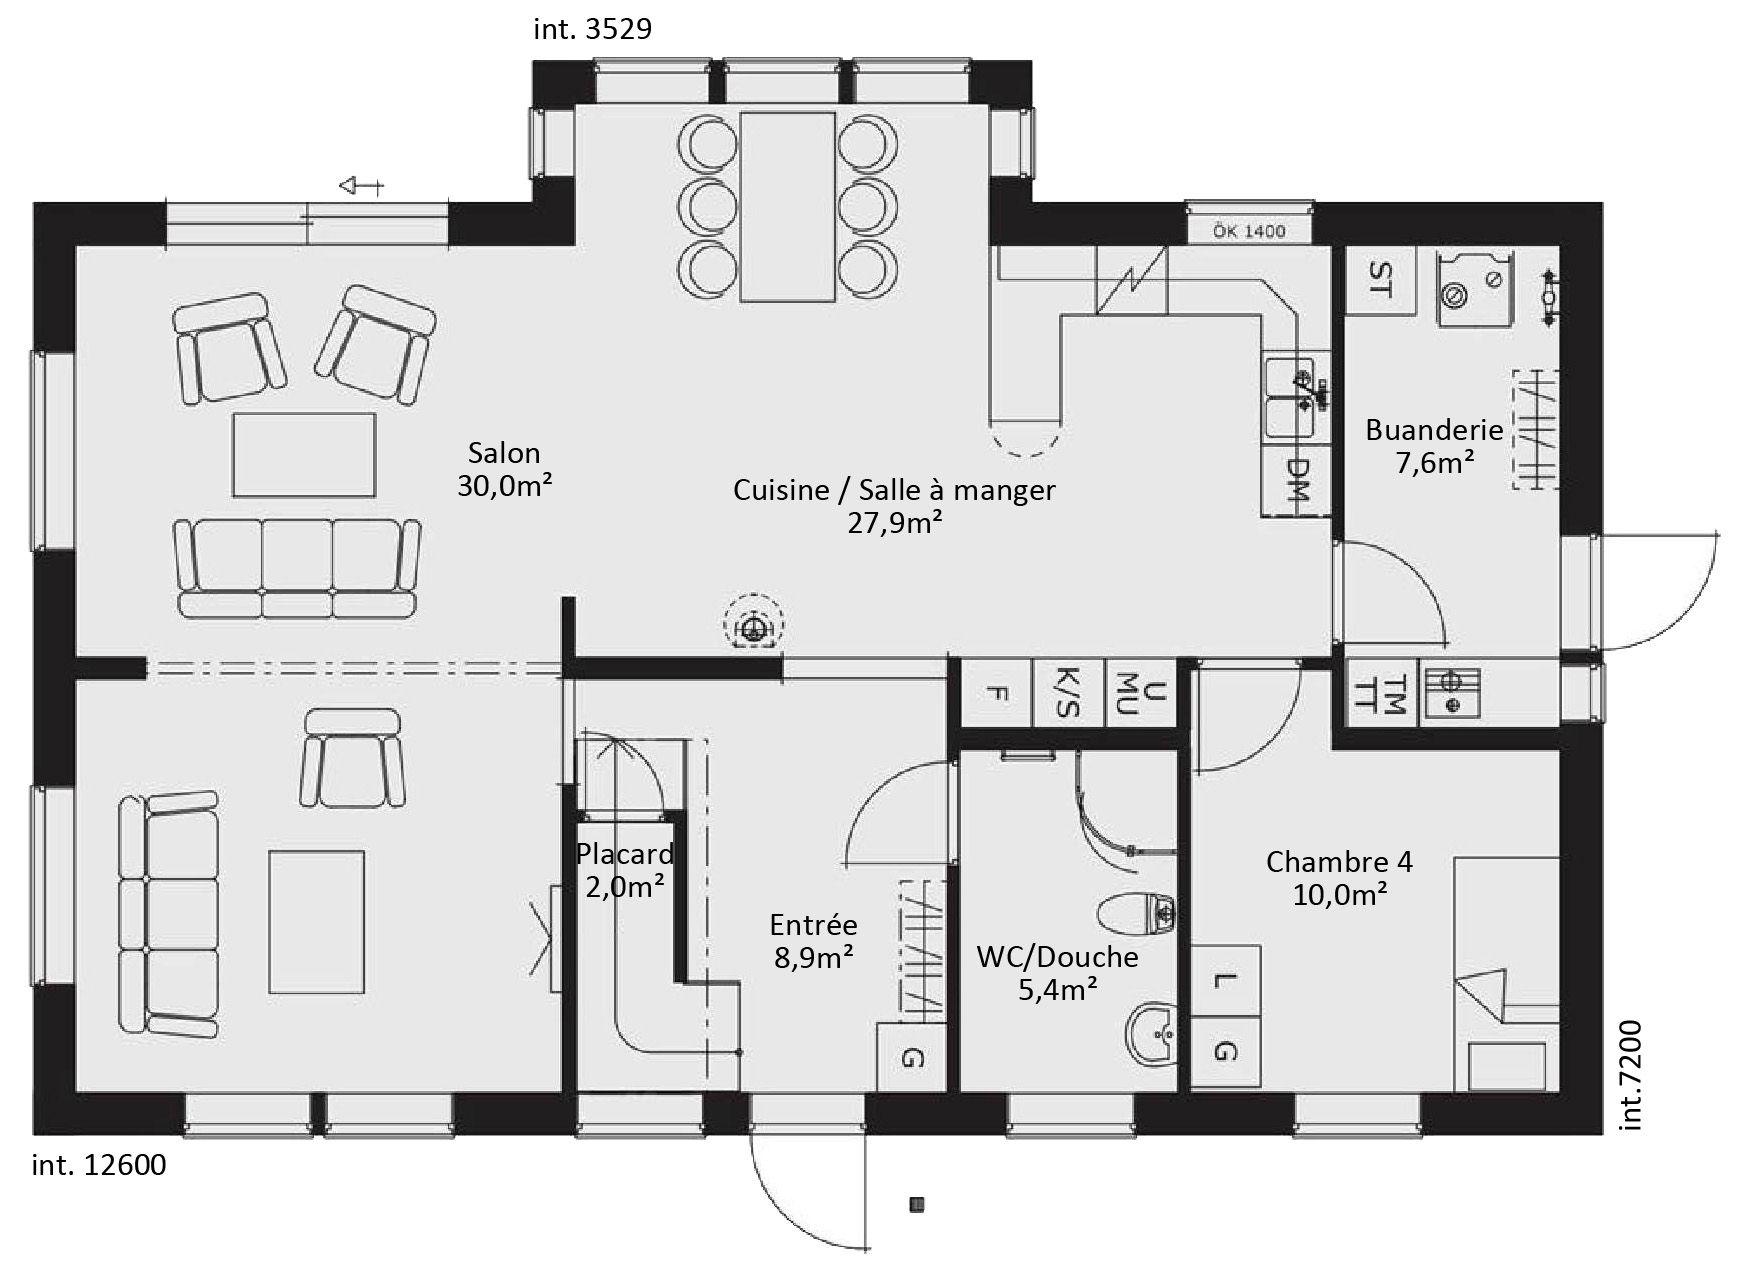 Modele maison ossature bois plain pied ps61 jornalagora for Plan maison bois